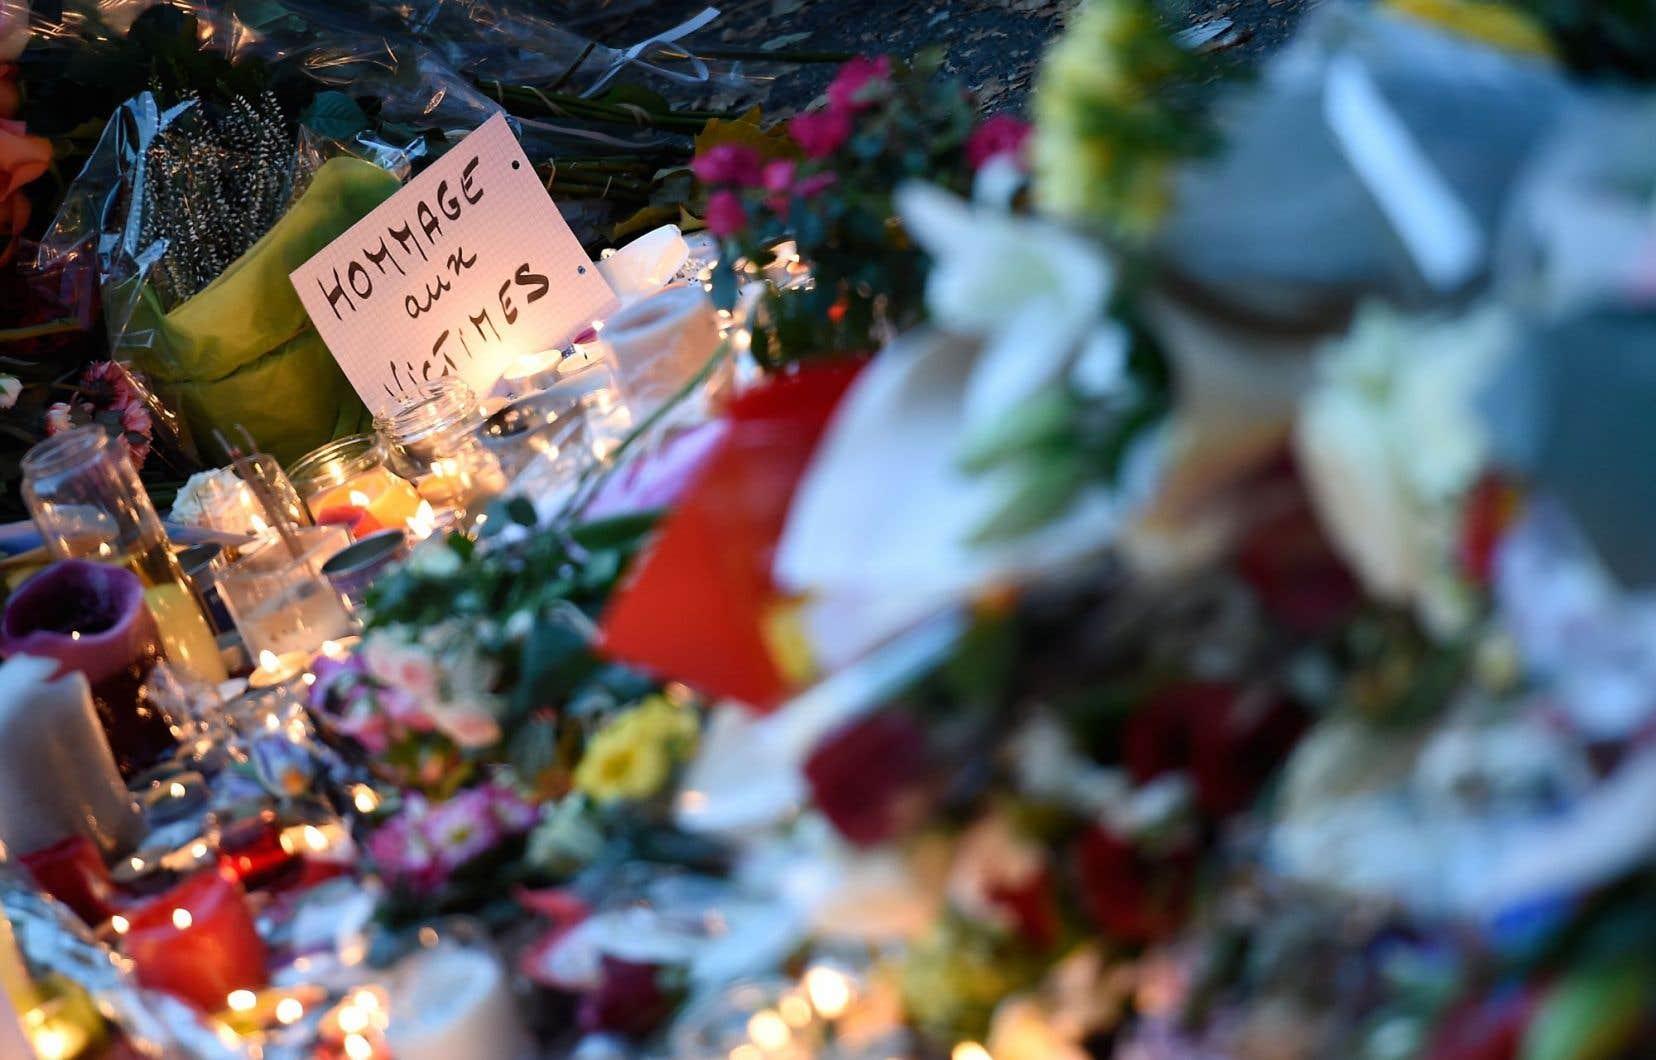 On sent la douleur ressentie face aux attentats, mais aussi la force et la détermination d'aller au-delà de la terreur.